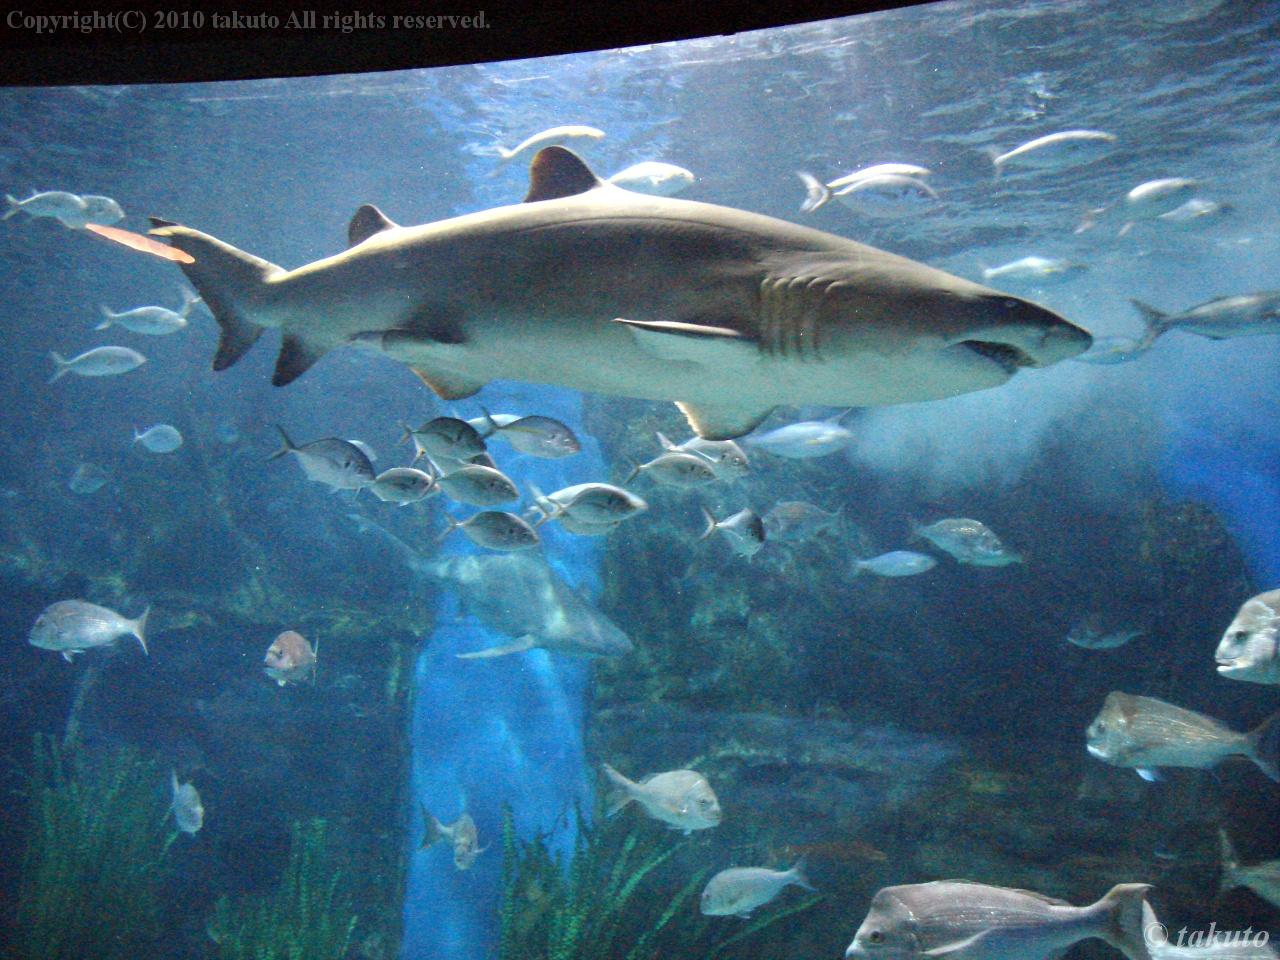 サメが他の魚を食べないのは定期的にエサを与えられ、お腹一杯だから : 水族館に行ったら是非話した